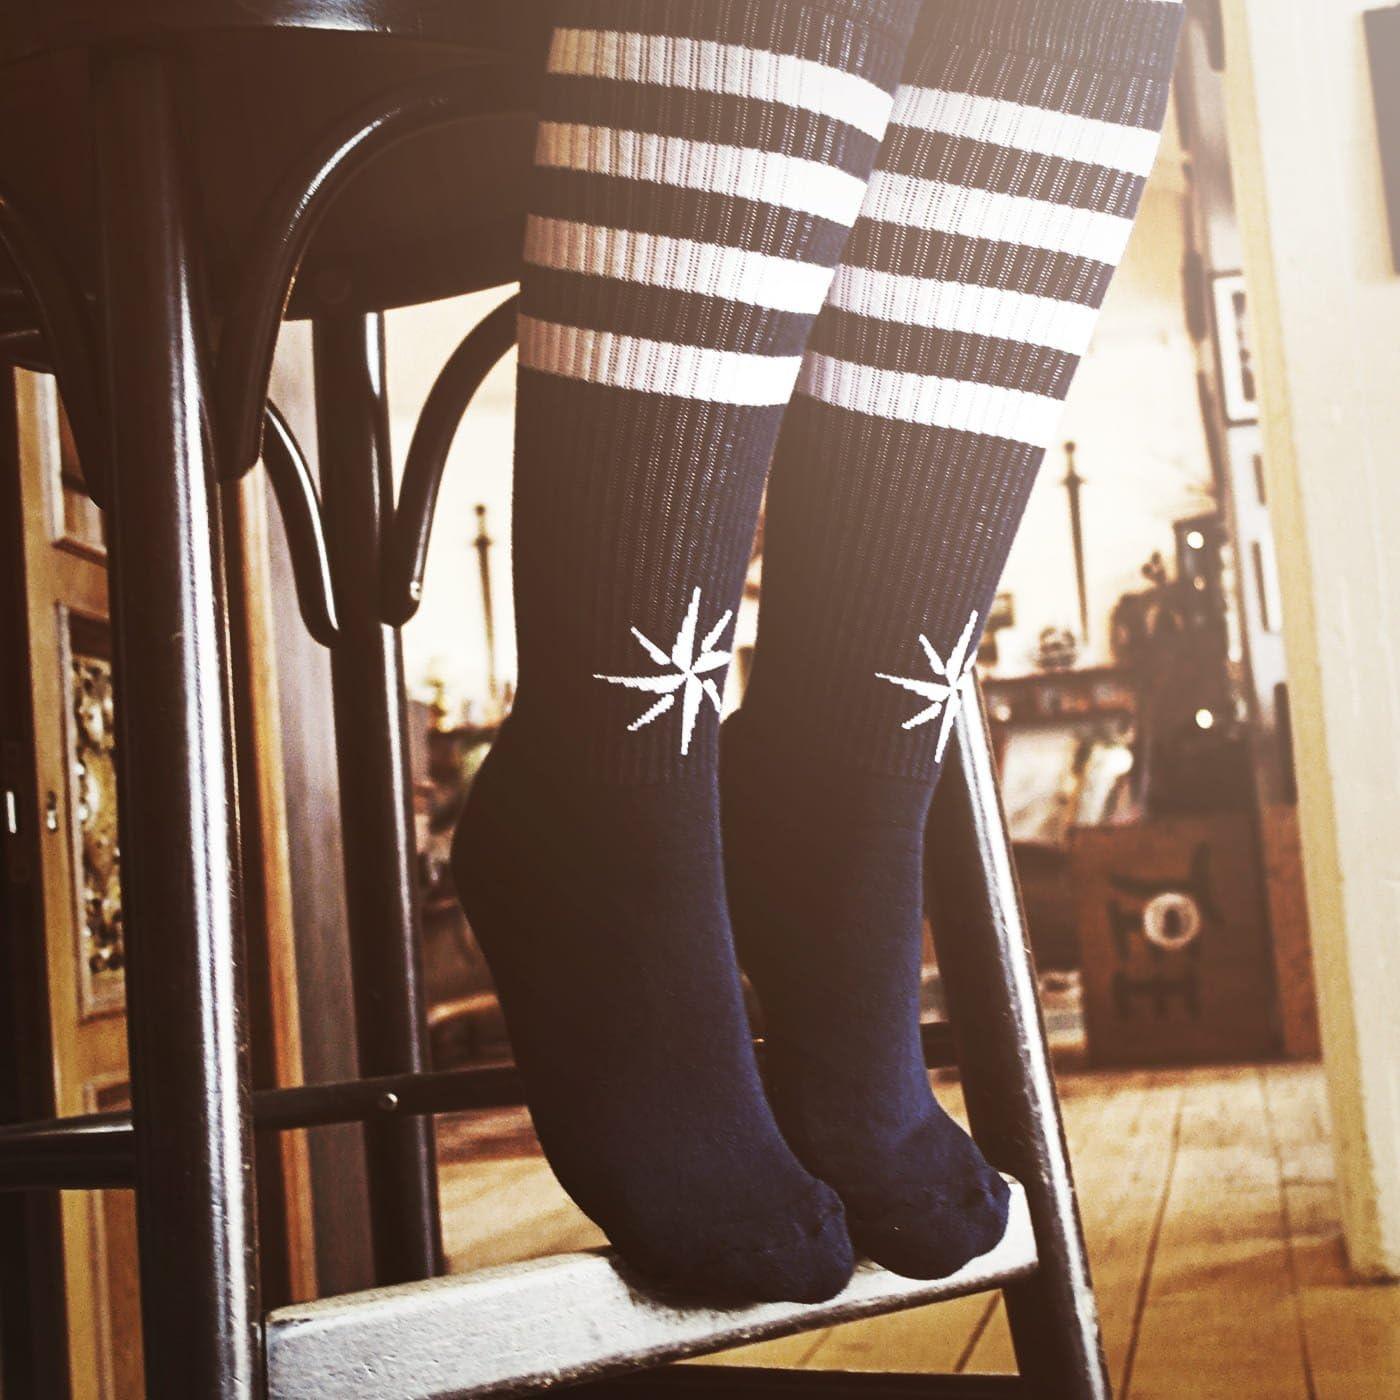 kniehoch Blau Unisex Str/ümpfe Wei/ß gestreift mit Windrose Jack Socken von ROCKASOX